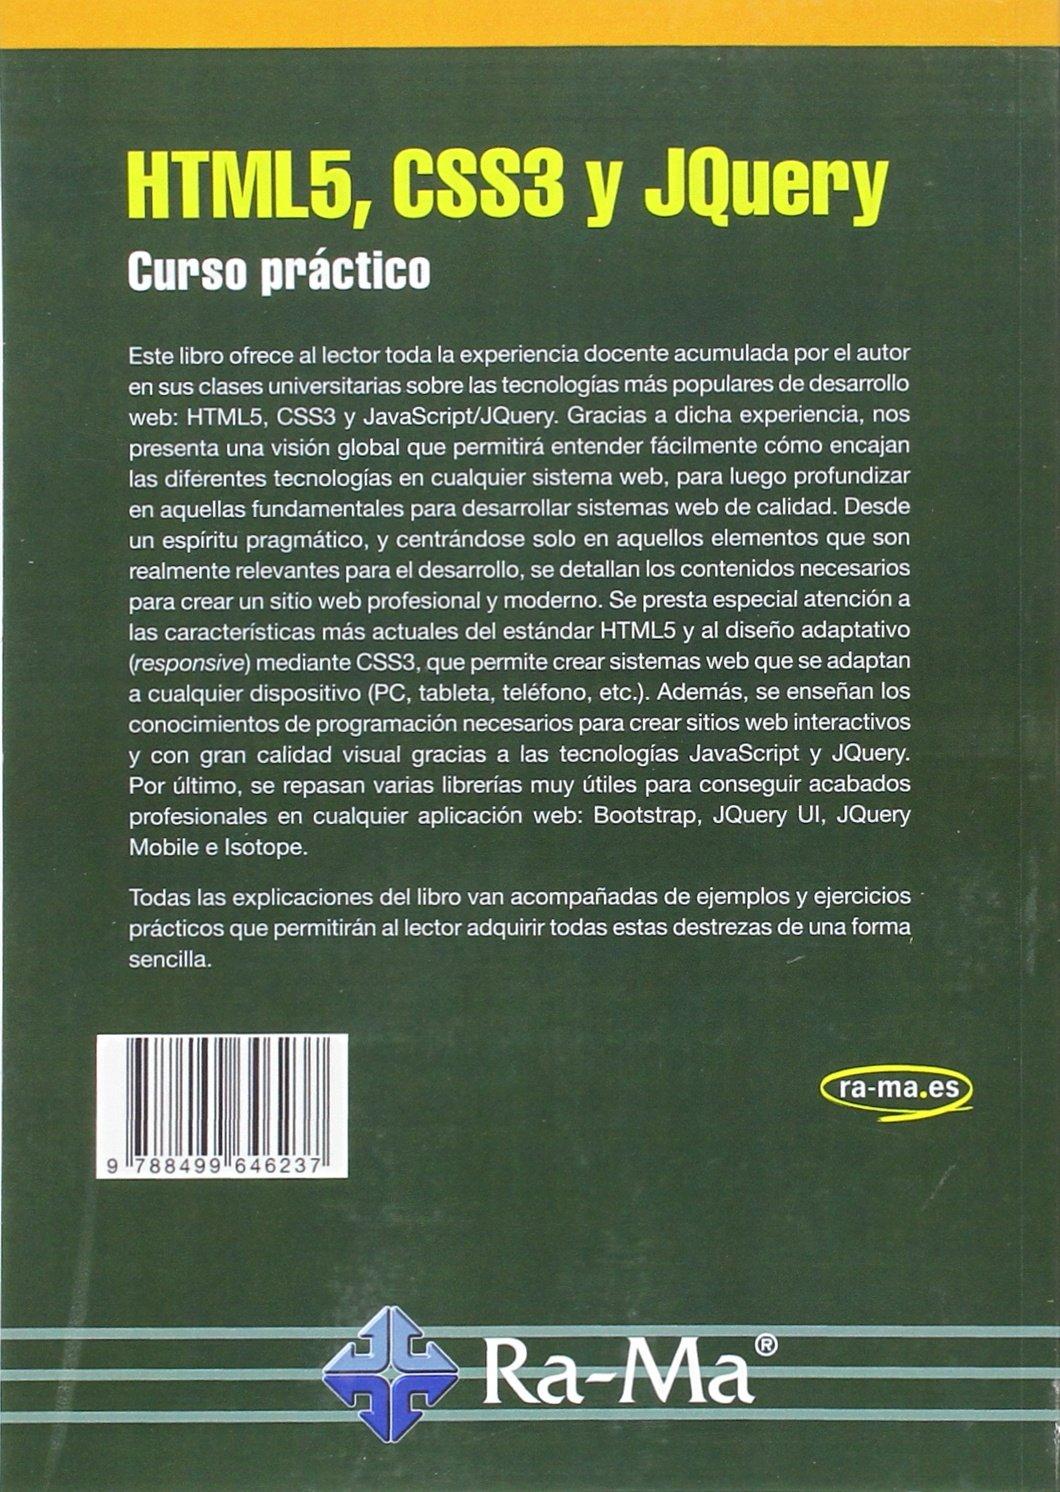 HTML5, CSS3 y JQUERY. Curso práctico: Amazon.es: JUAN ANTONIO RECIO GARCIA: Libros